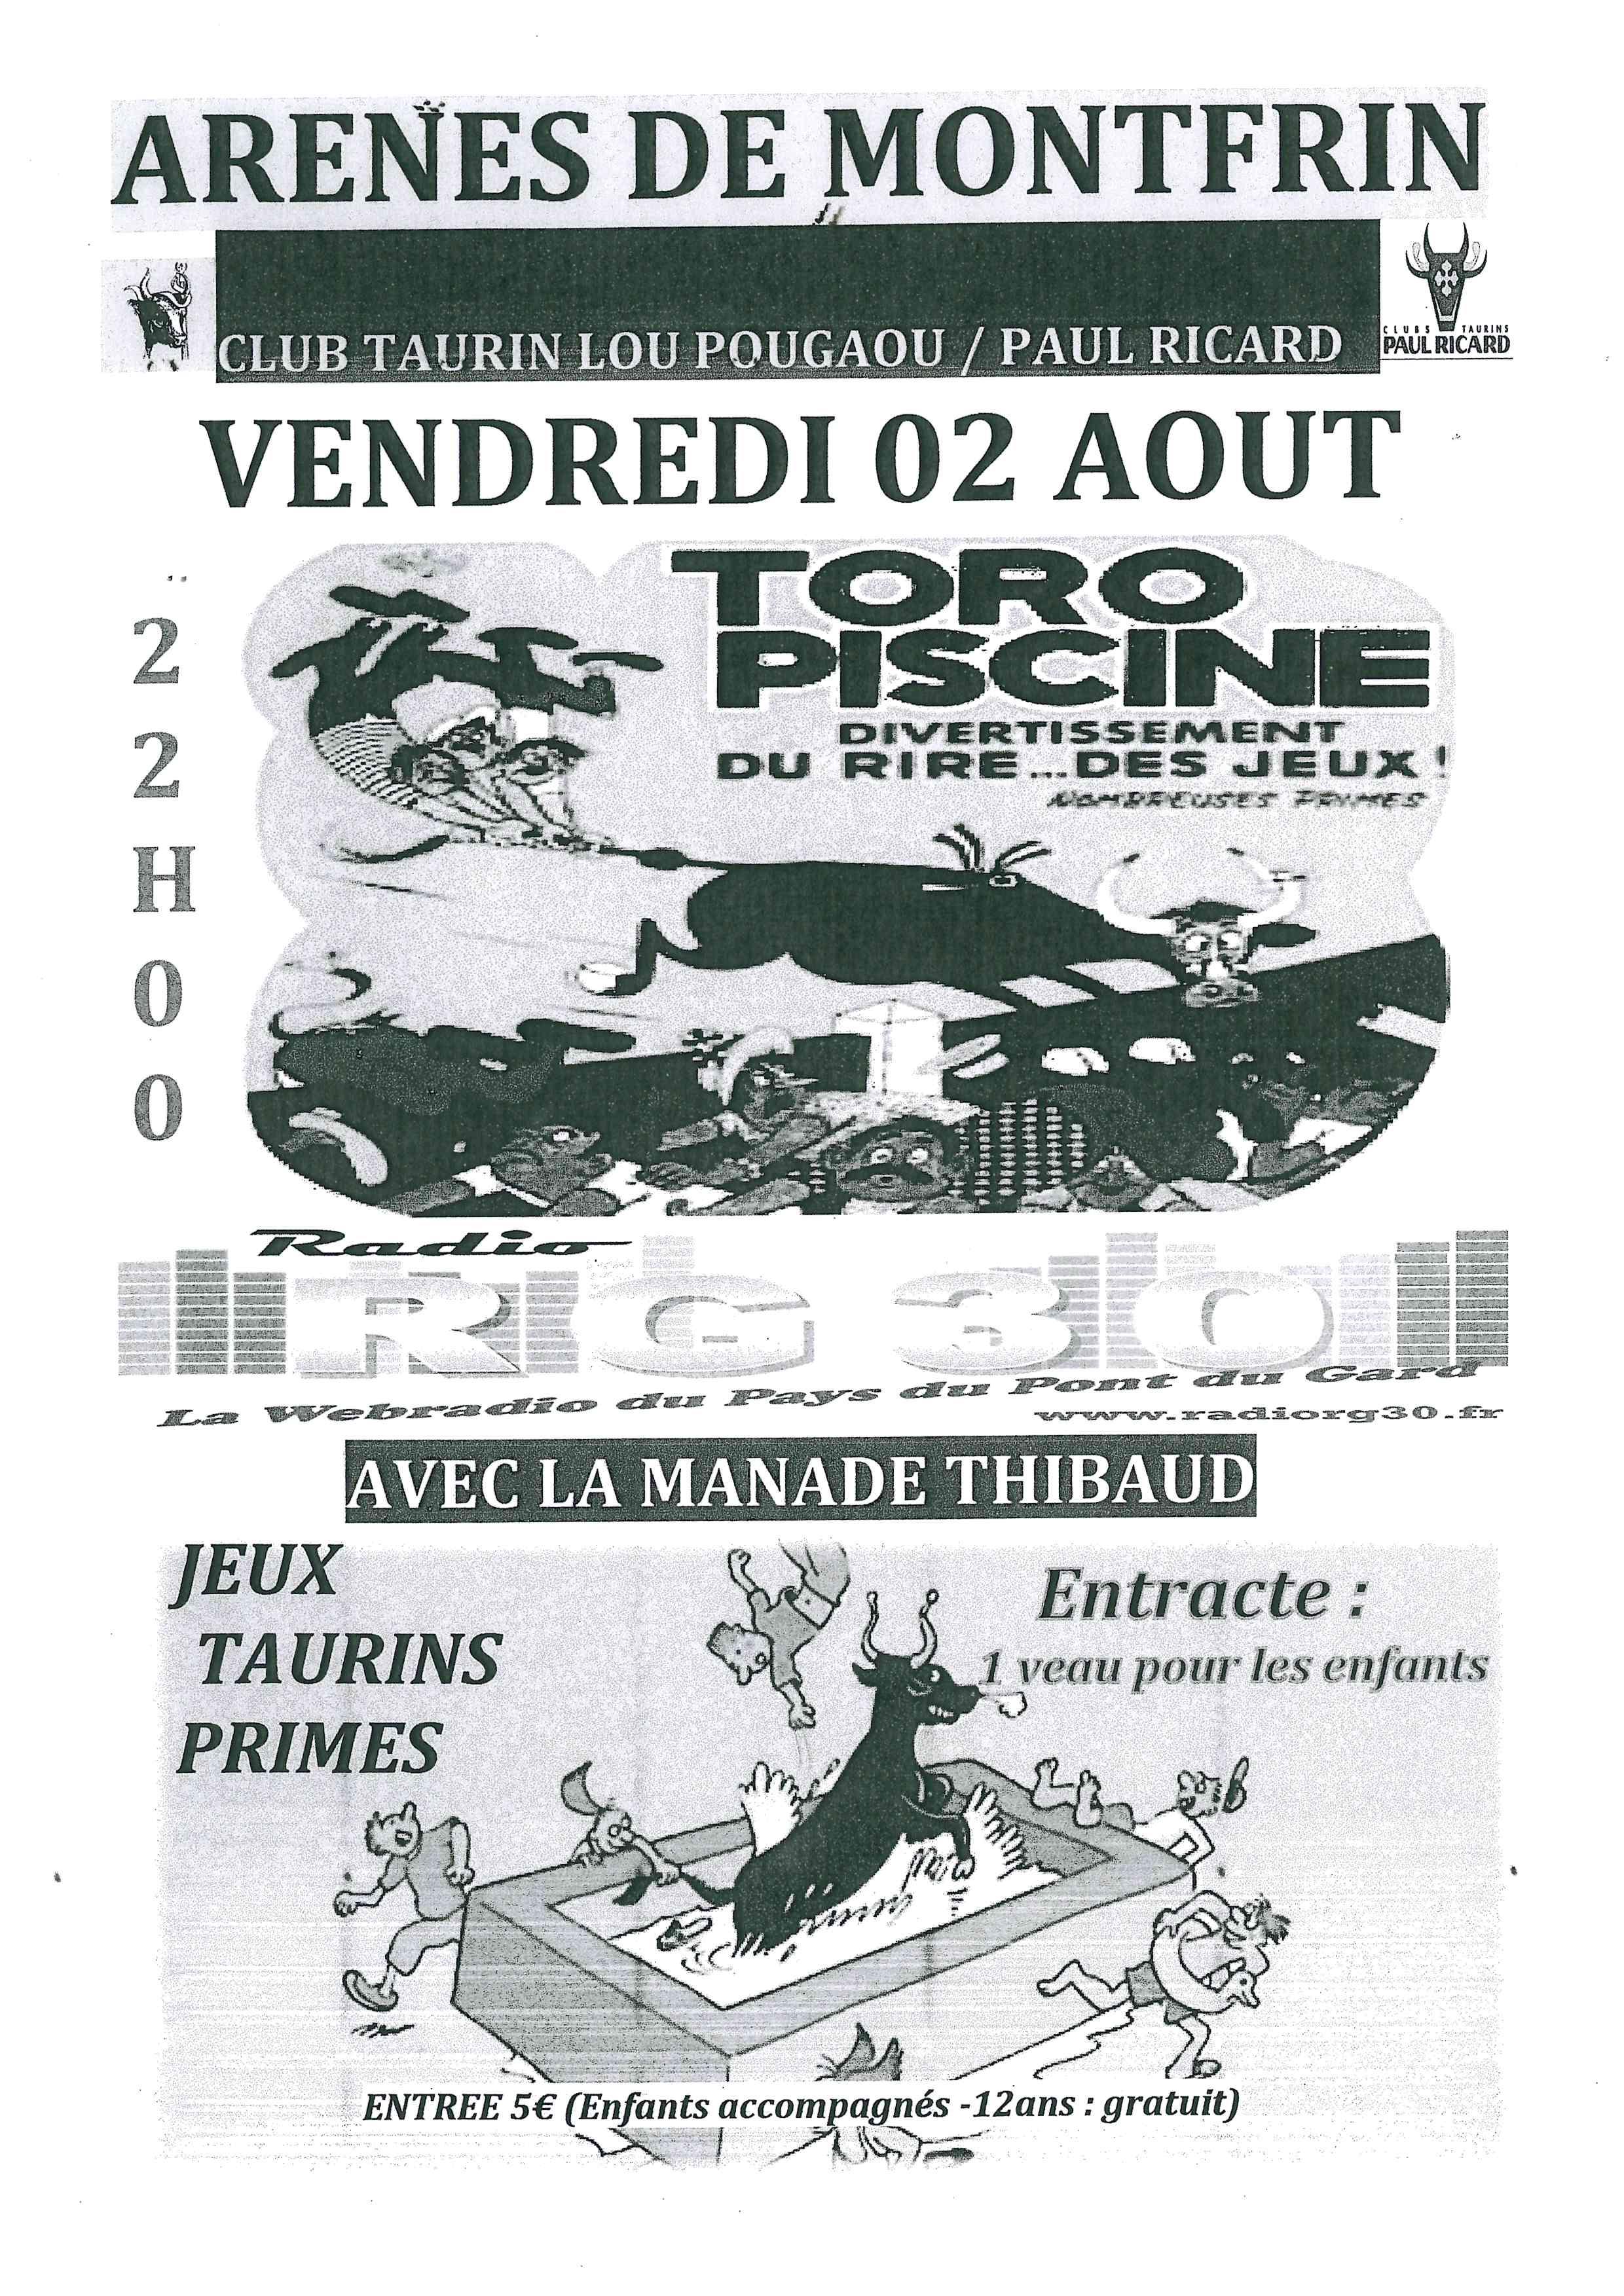 Taureaux Piscine 2019 Montfrin